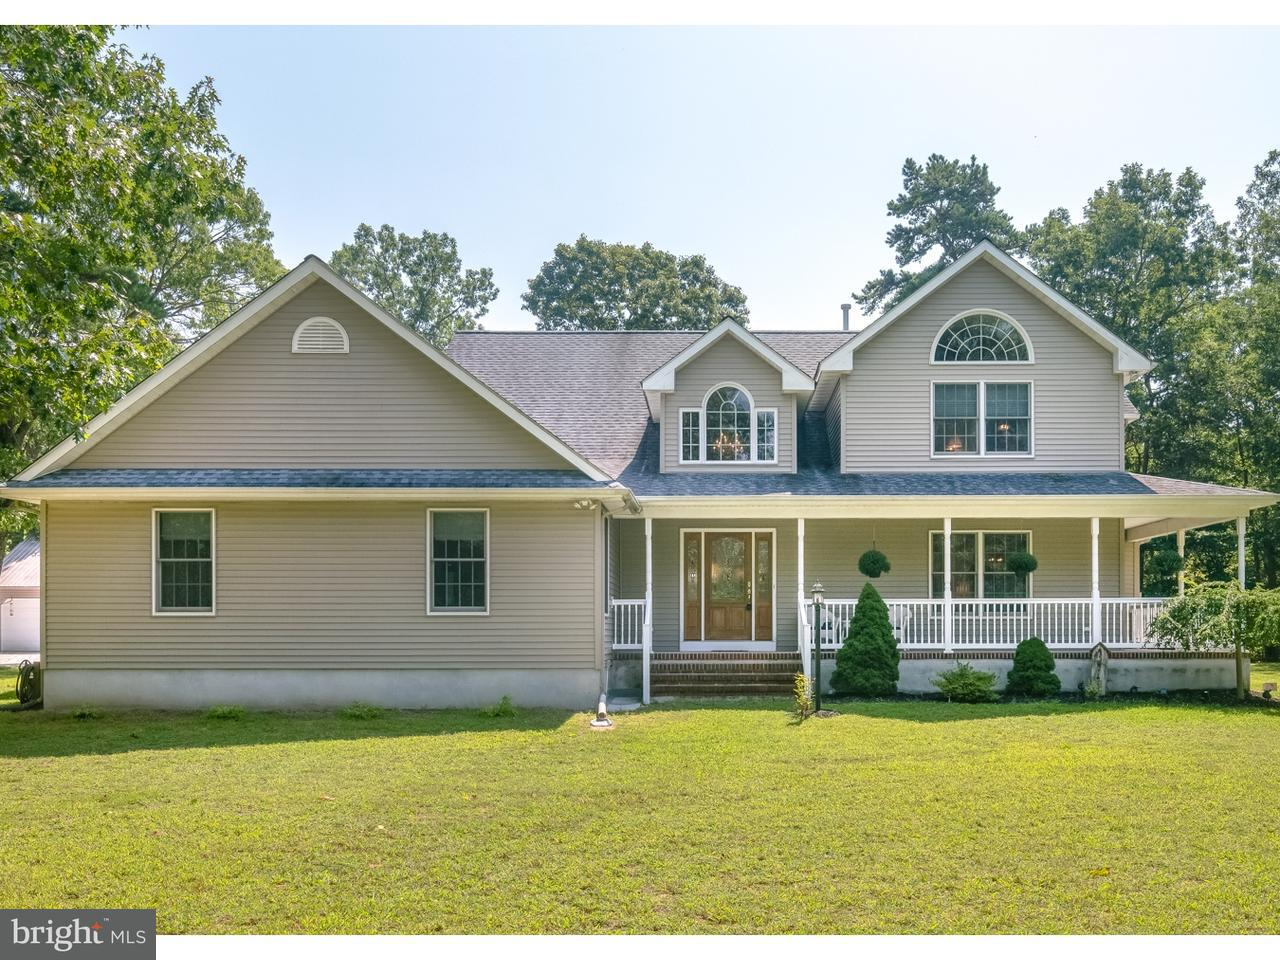 Nhà ở một gia đình vì Bán tại 174 WATSONS MILL Road Alloway, New Jersey 08318 Hoa Kỳ